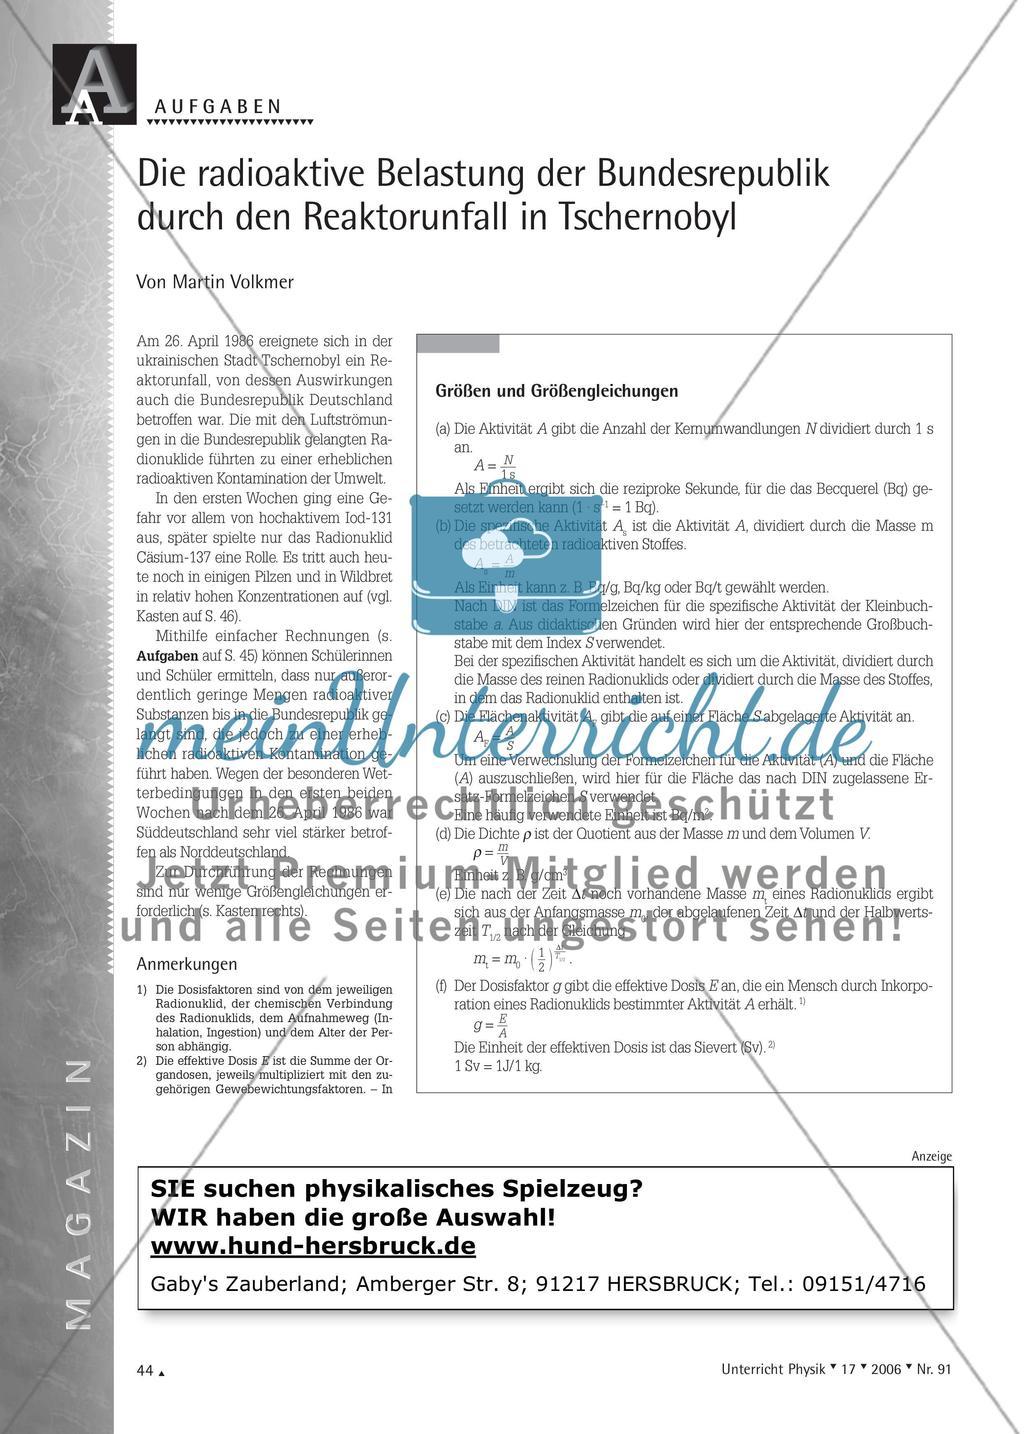 Die radioaktive Belastung der Bundesrepublik durch den Reaktorunfall in Tschernobyl Preview 1